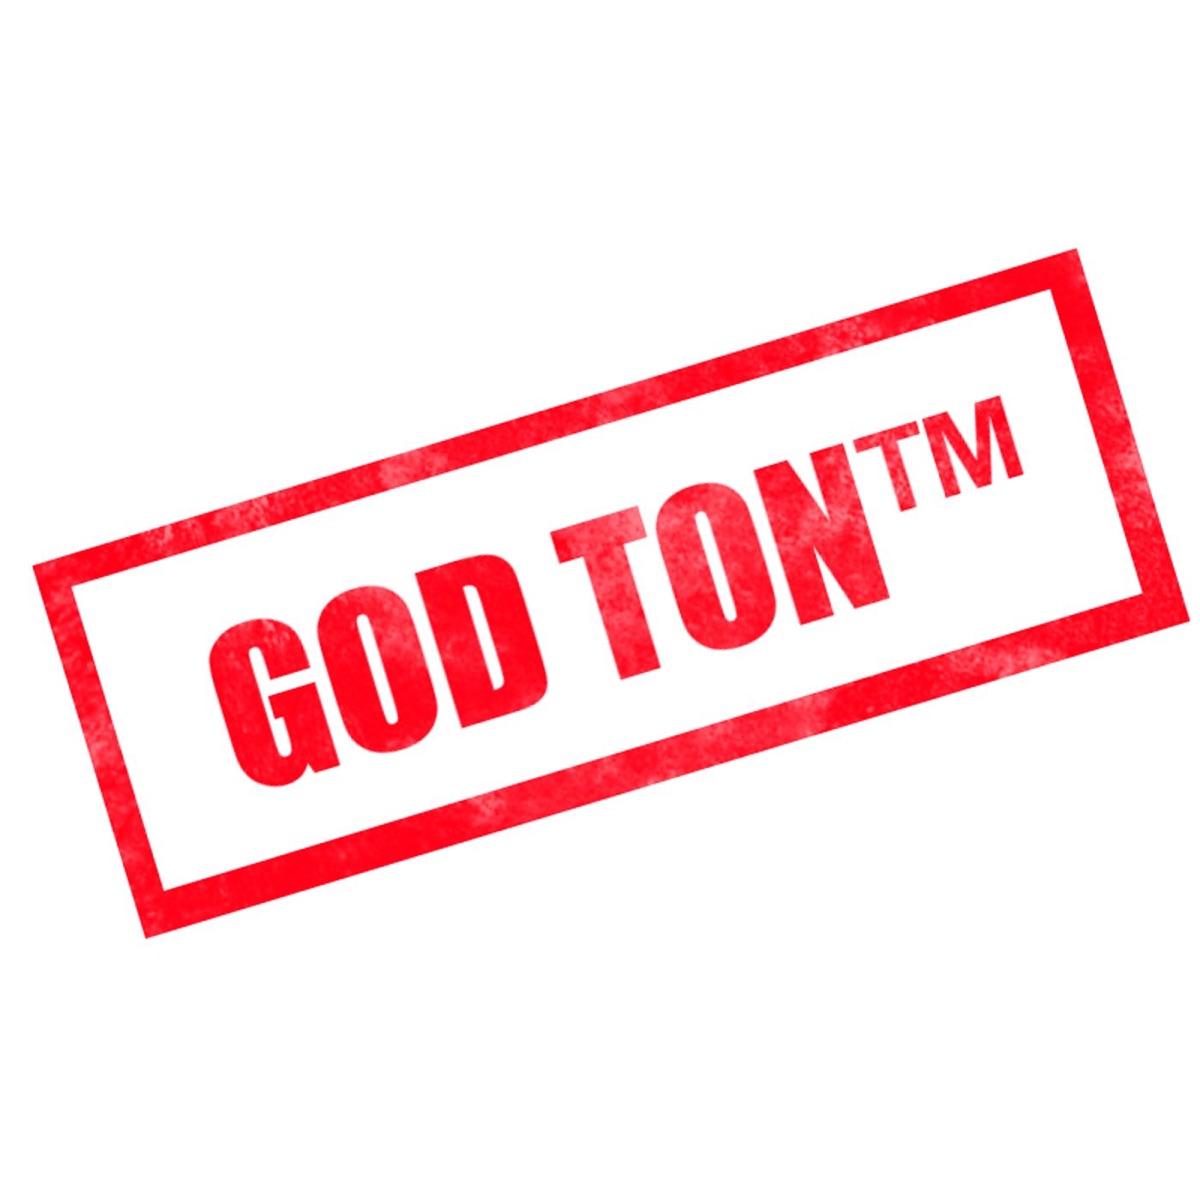 God Ton™